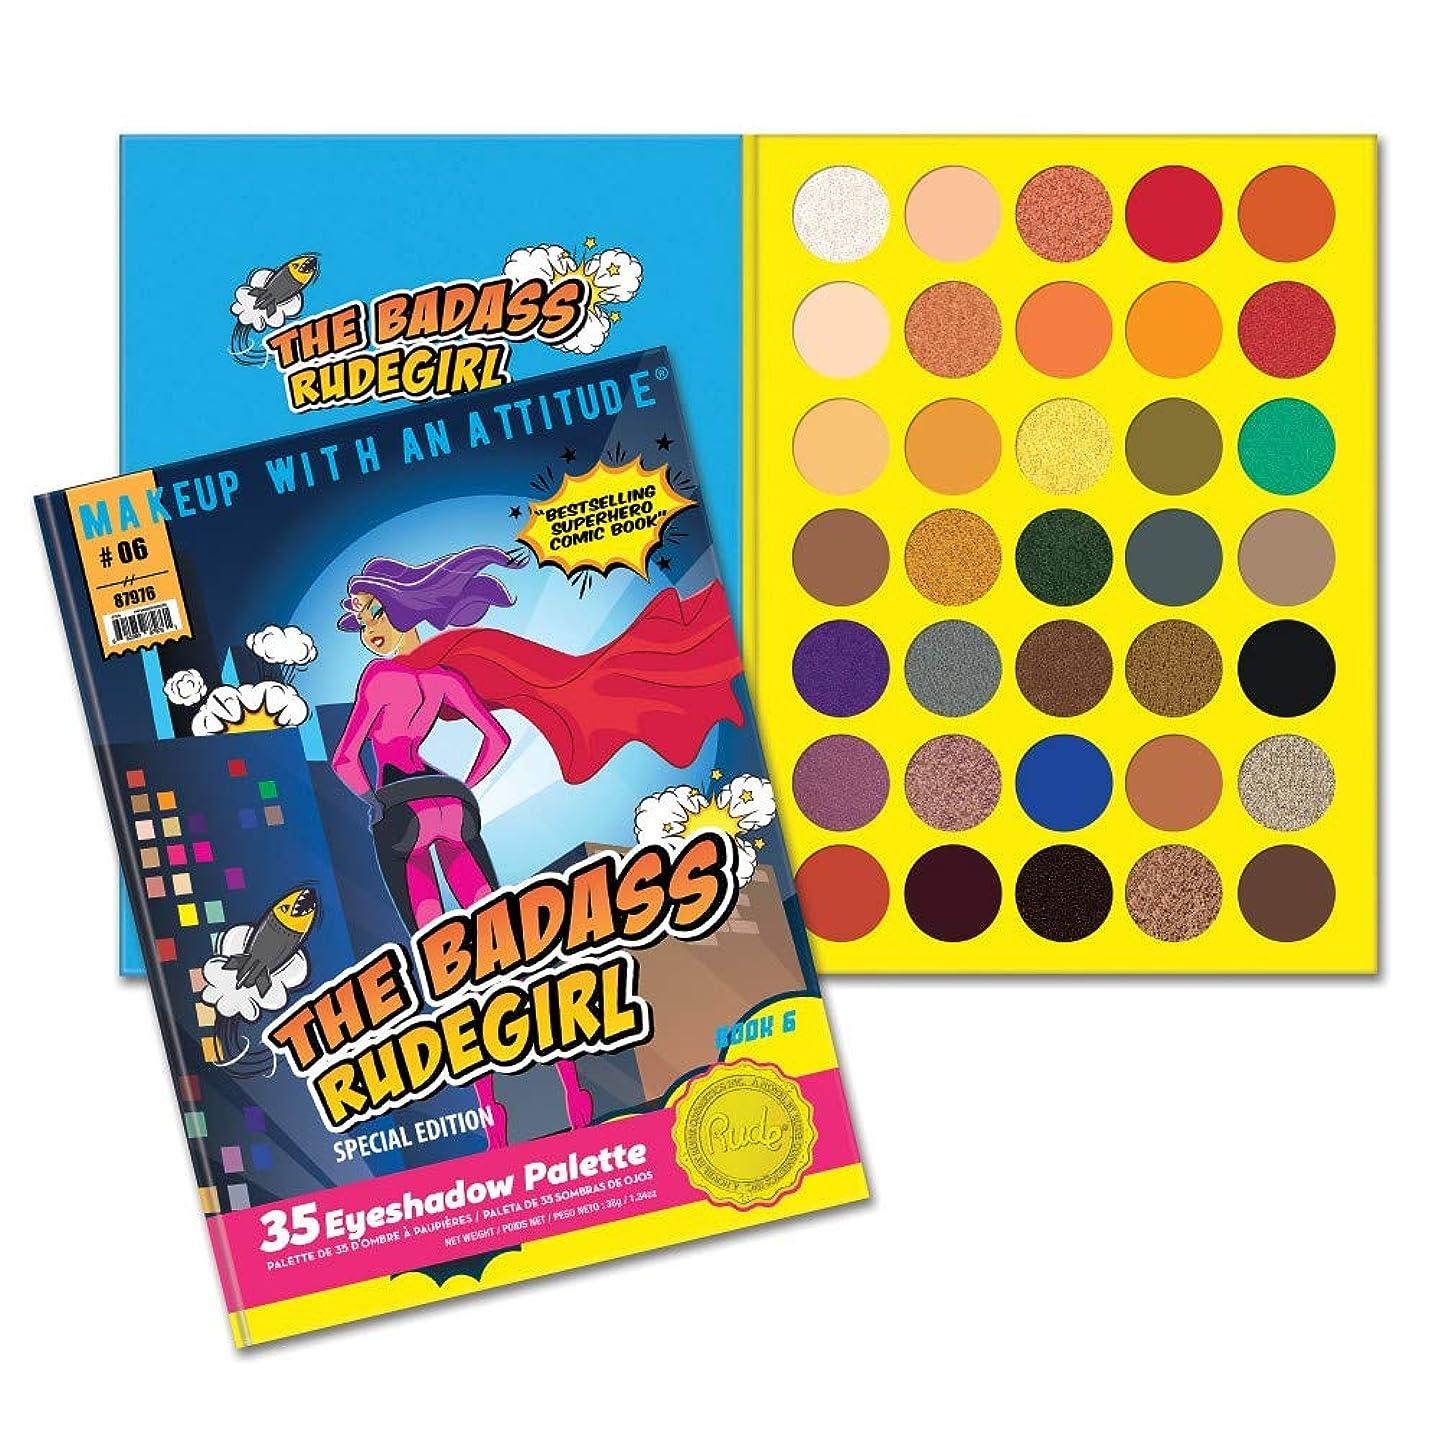 批判限りなく自発的(3 Pack) RUDE? The Badass RudeGirl 35 Eyeshadow Palette - Book 6 (並行輸入品)